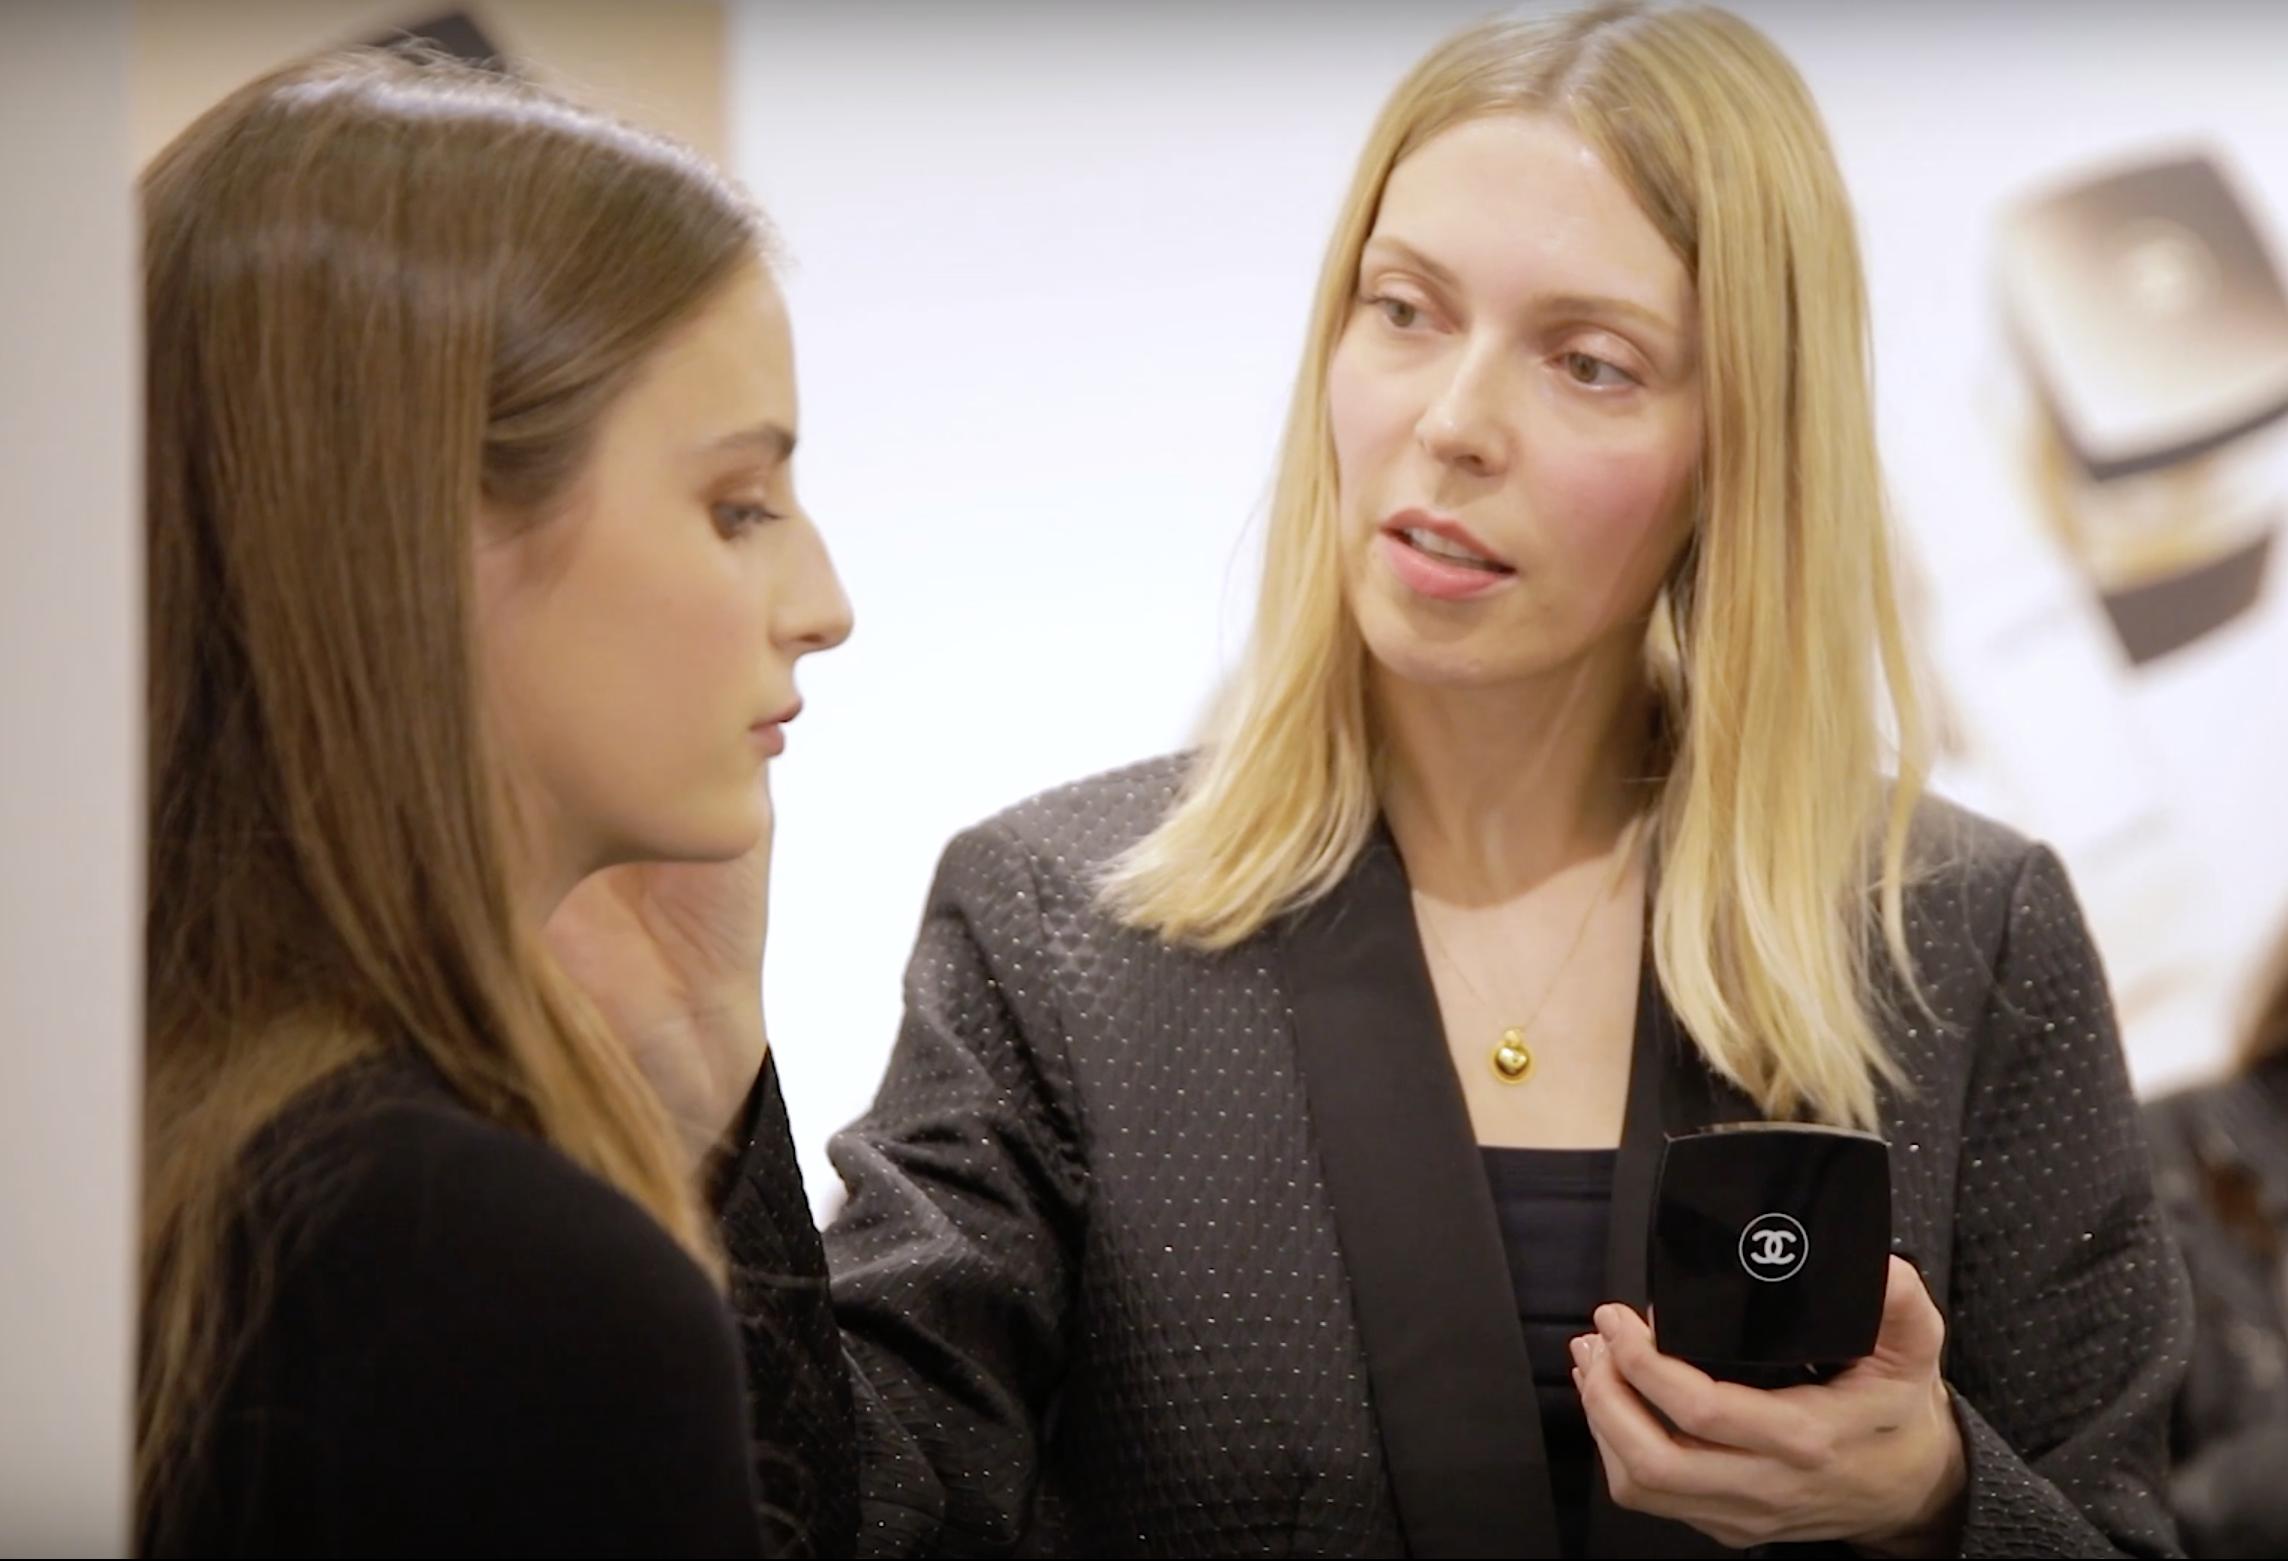 Η Vogue συναντά τη Chanel σε μια παρουσίαση που μυρίζει Άνοιξη